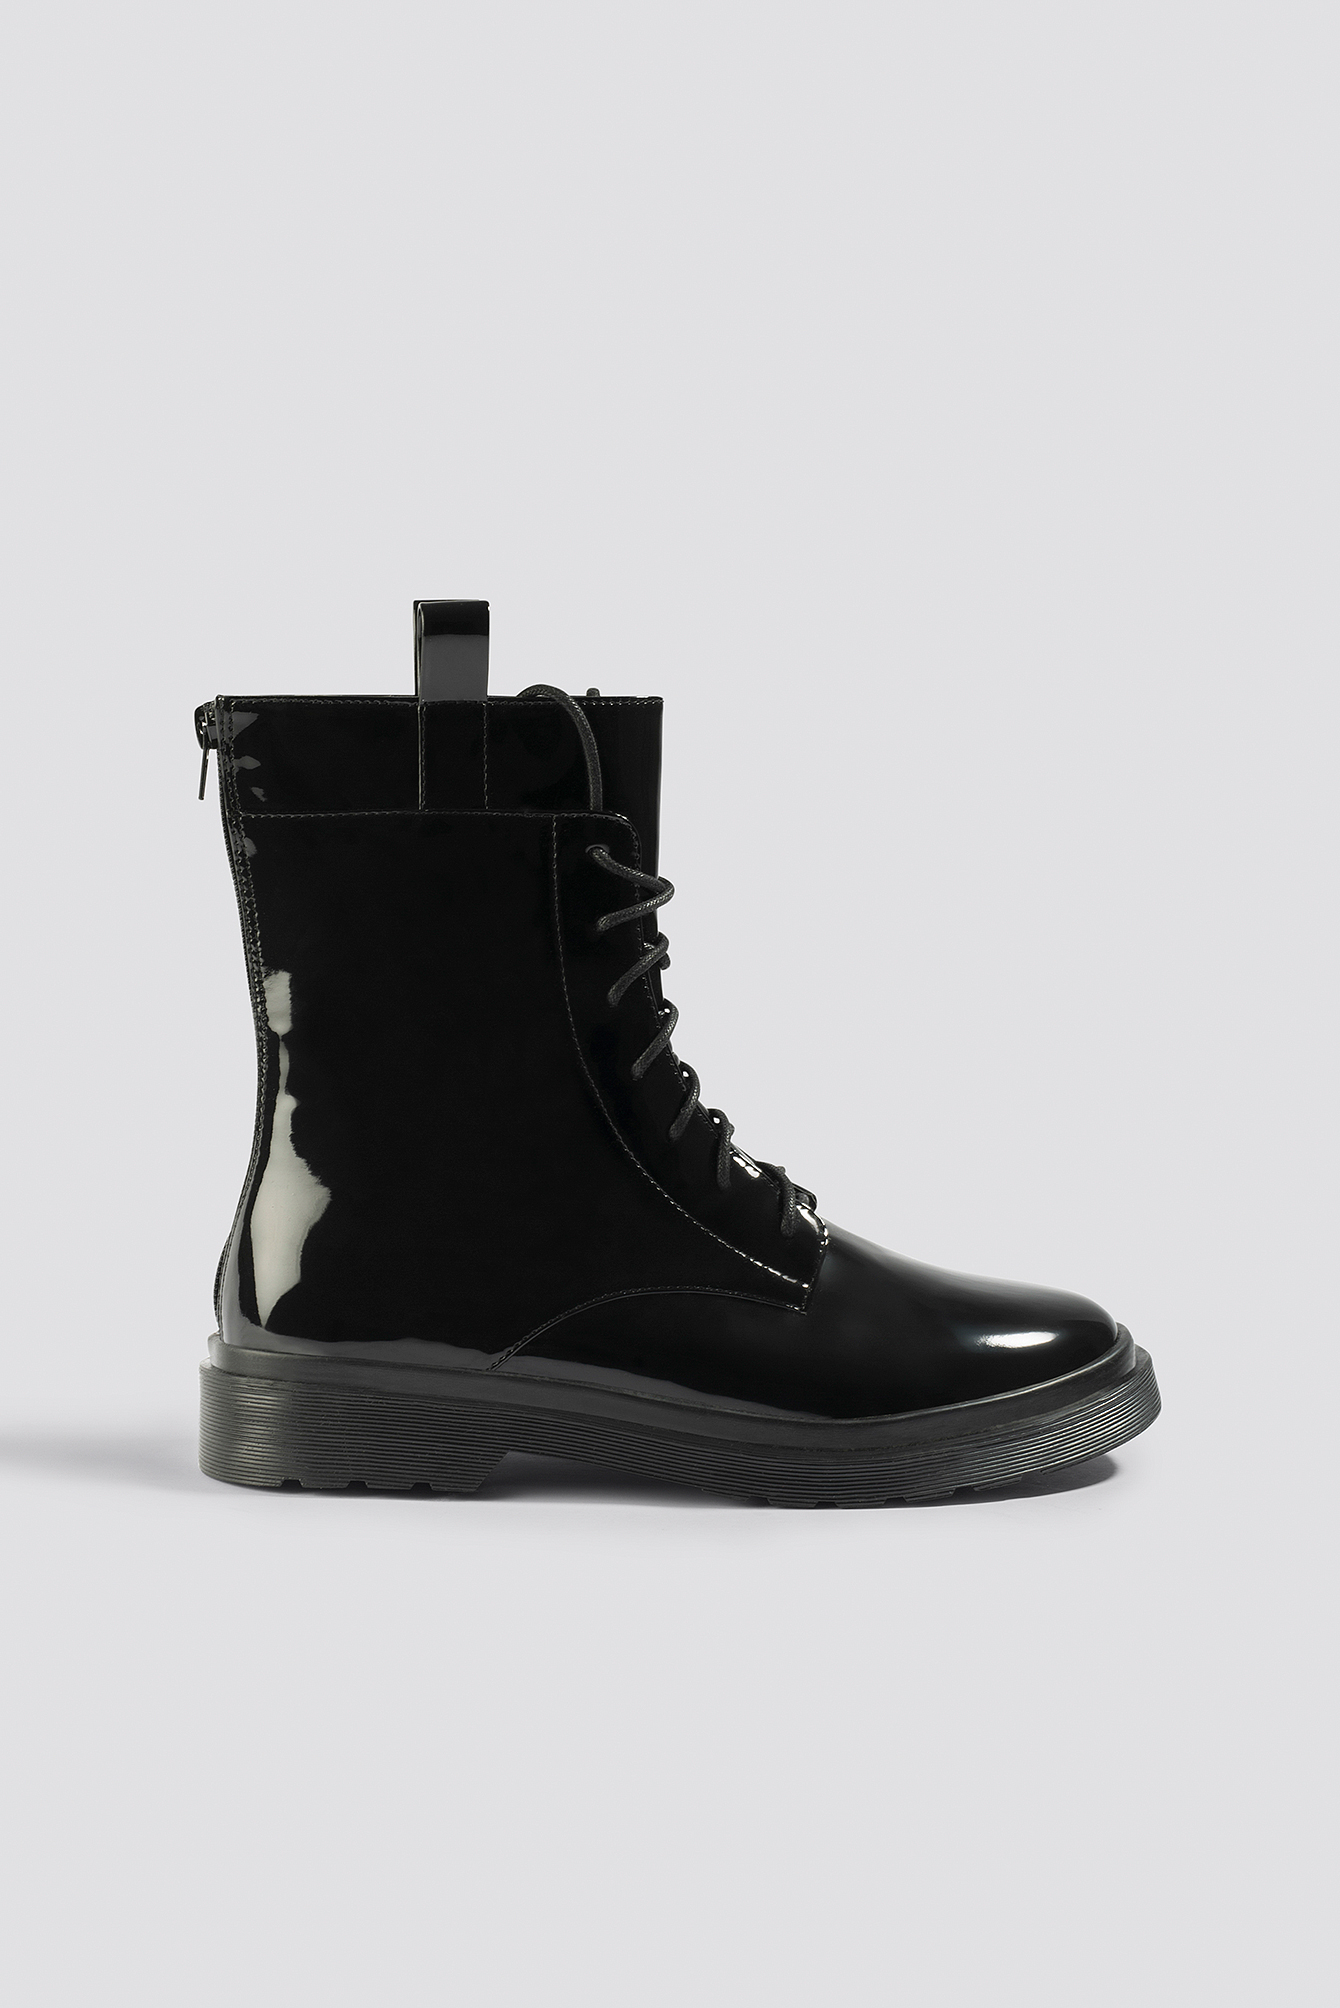 SAHARA RAY X NA-KD Chunky Boots - Black